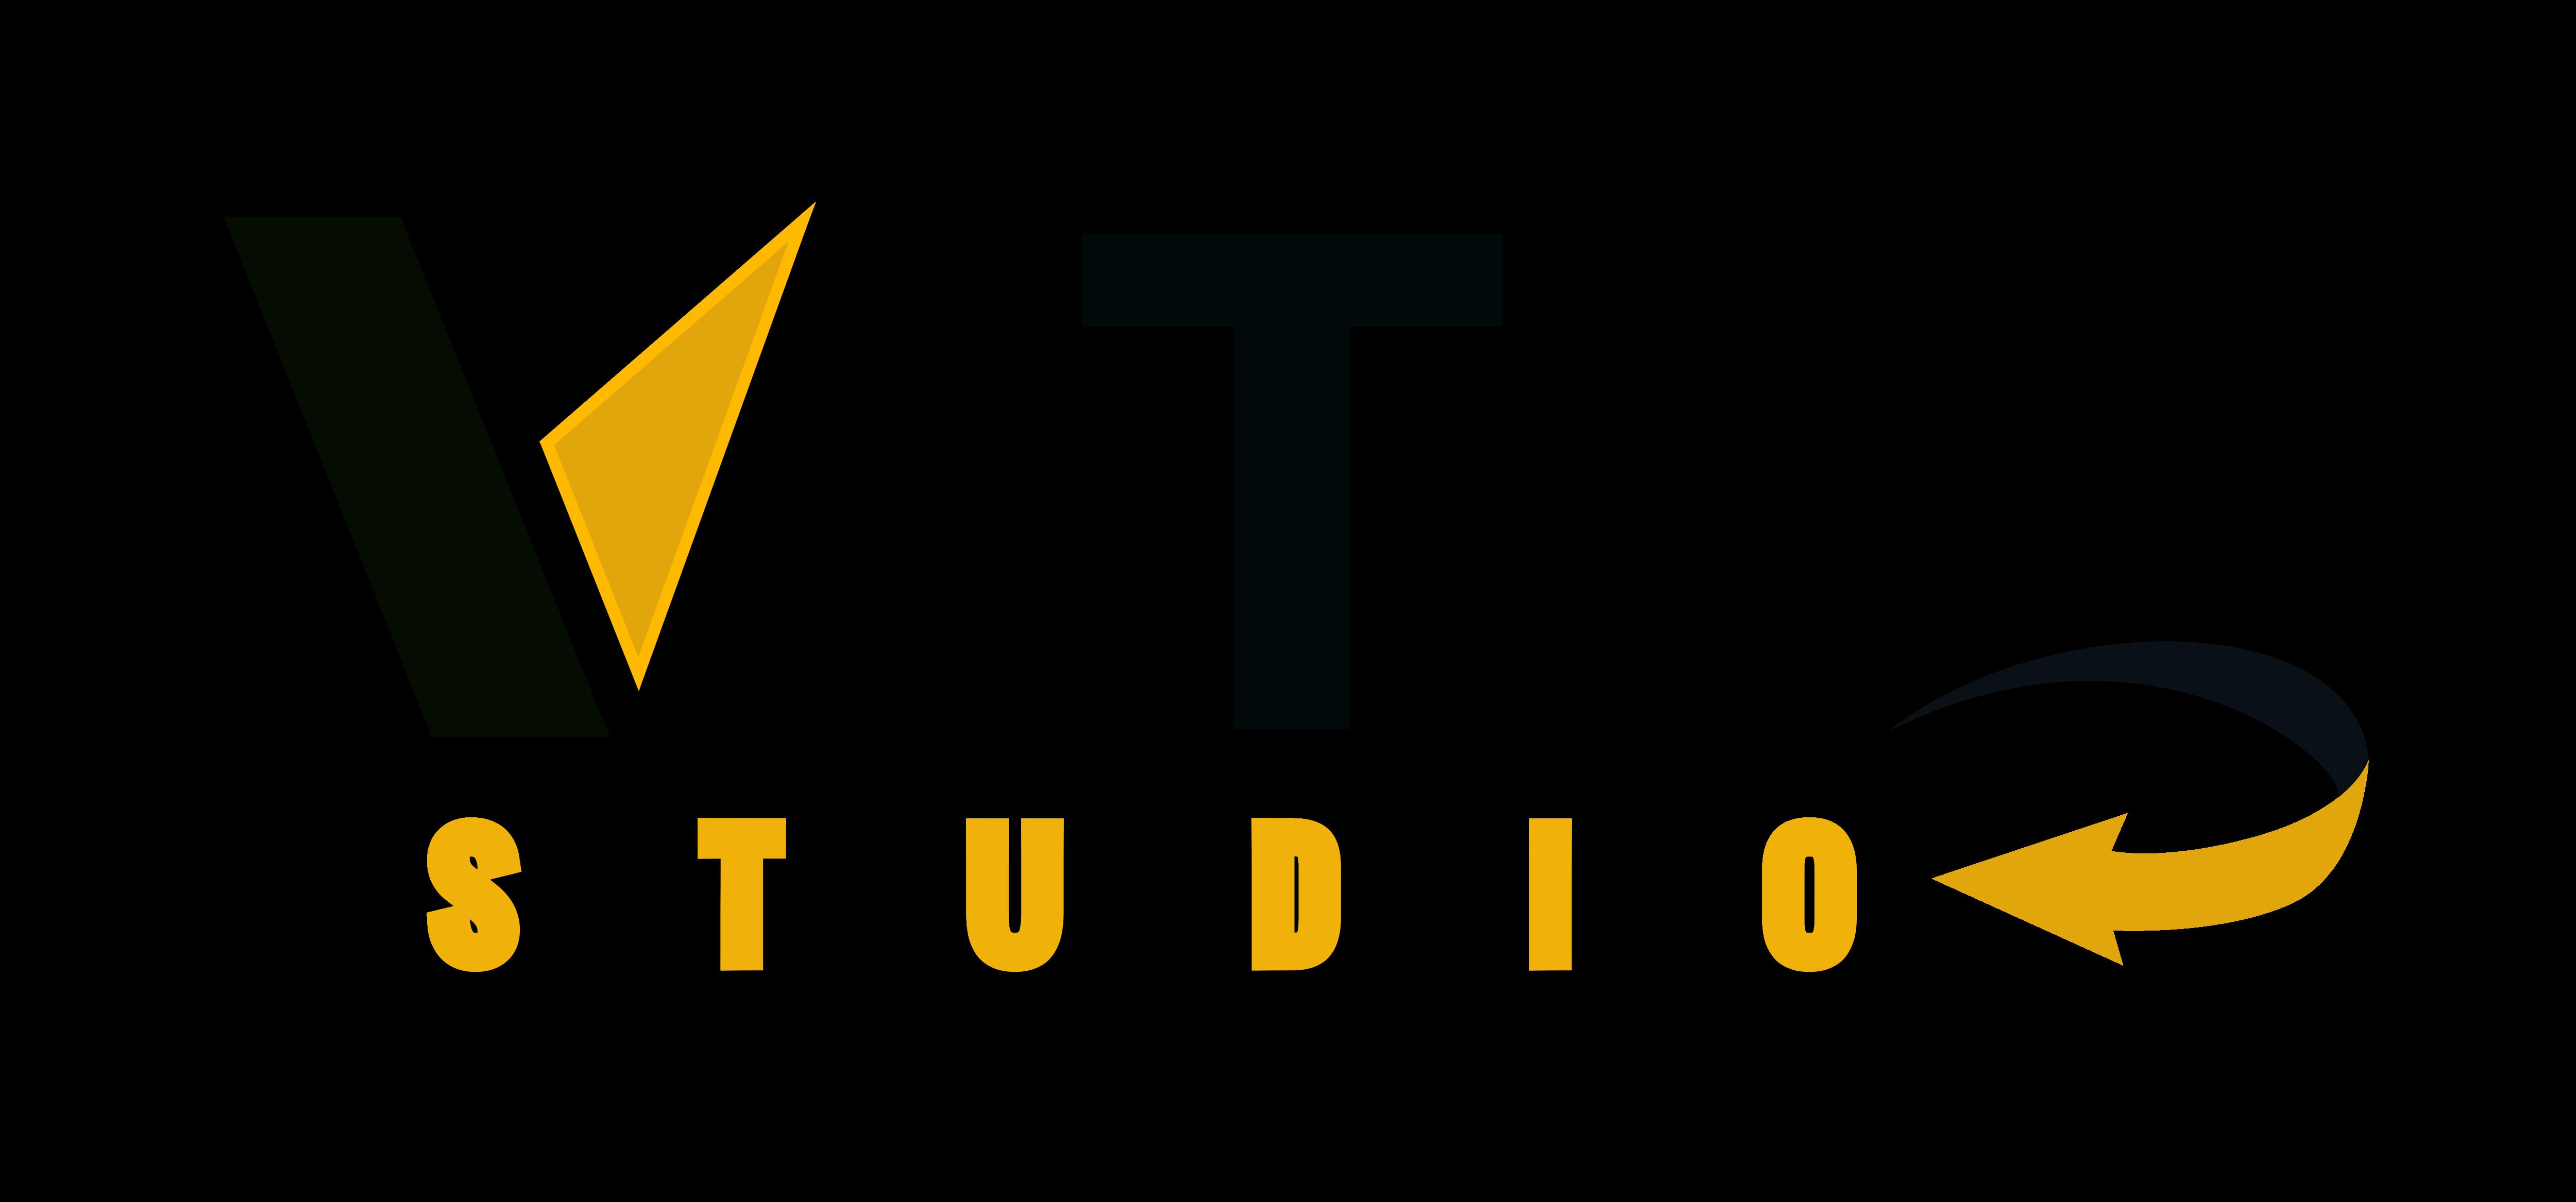 Studio VoxTop